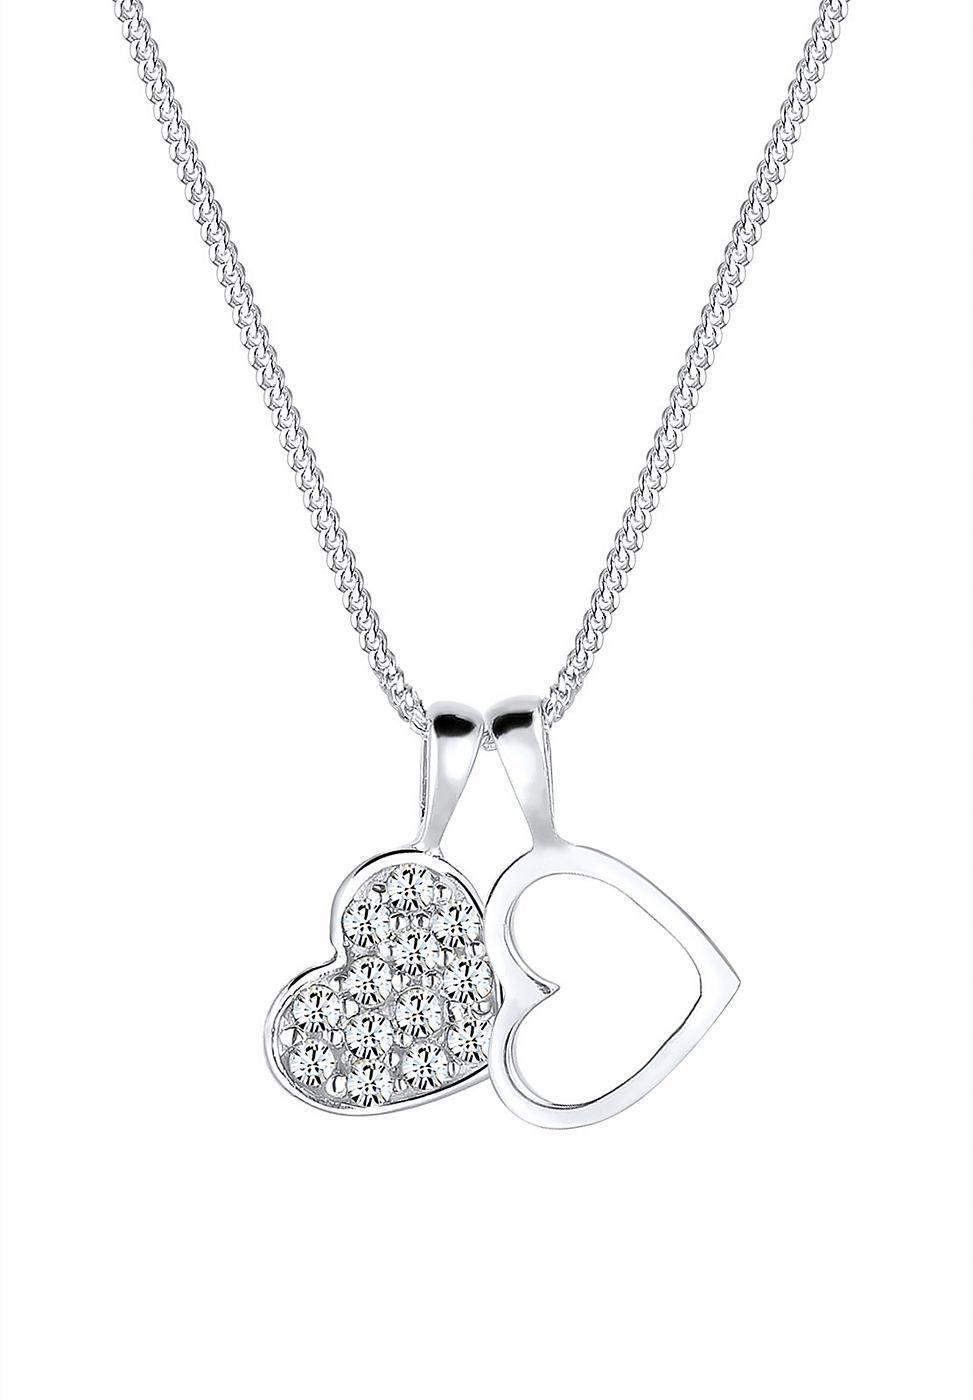 Diese romantisch verspielte Herz-Kette aus feinstem 925er